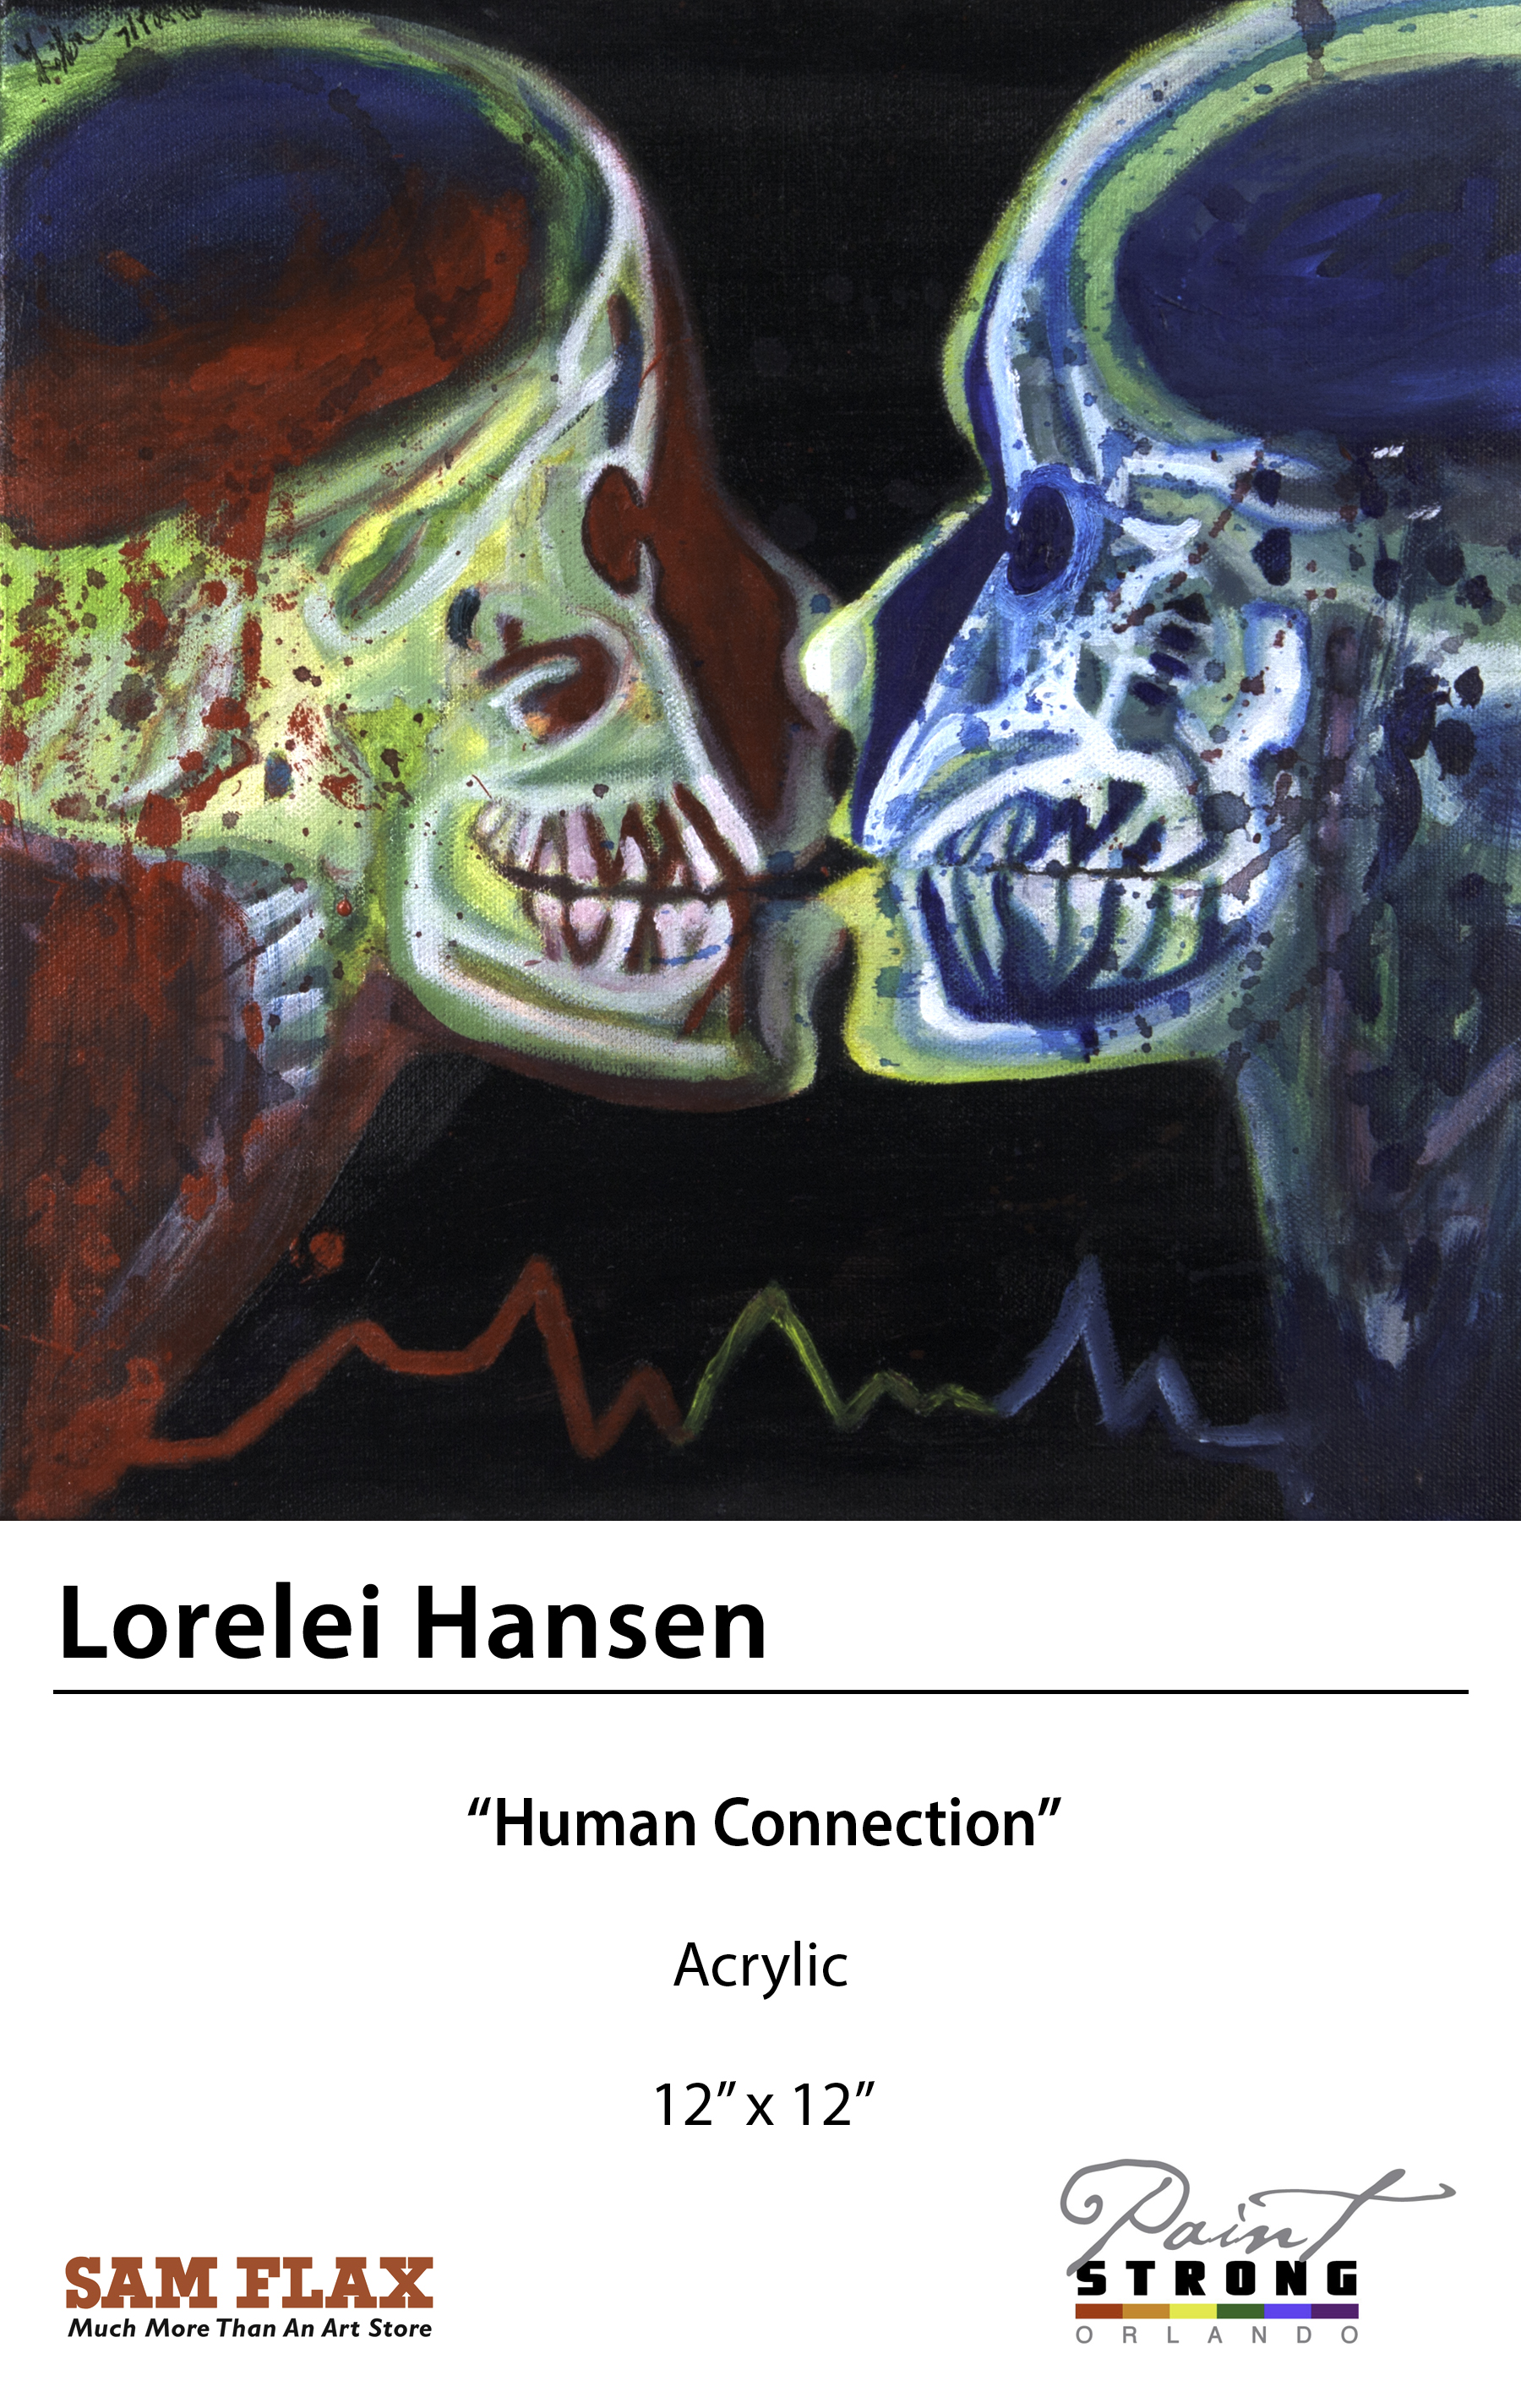 Lorelei Hansen